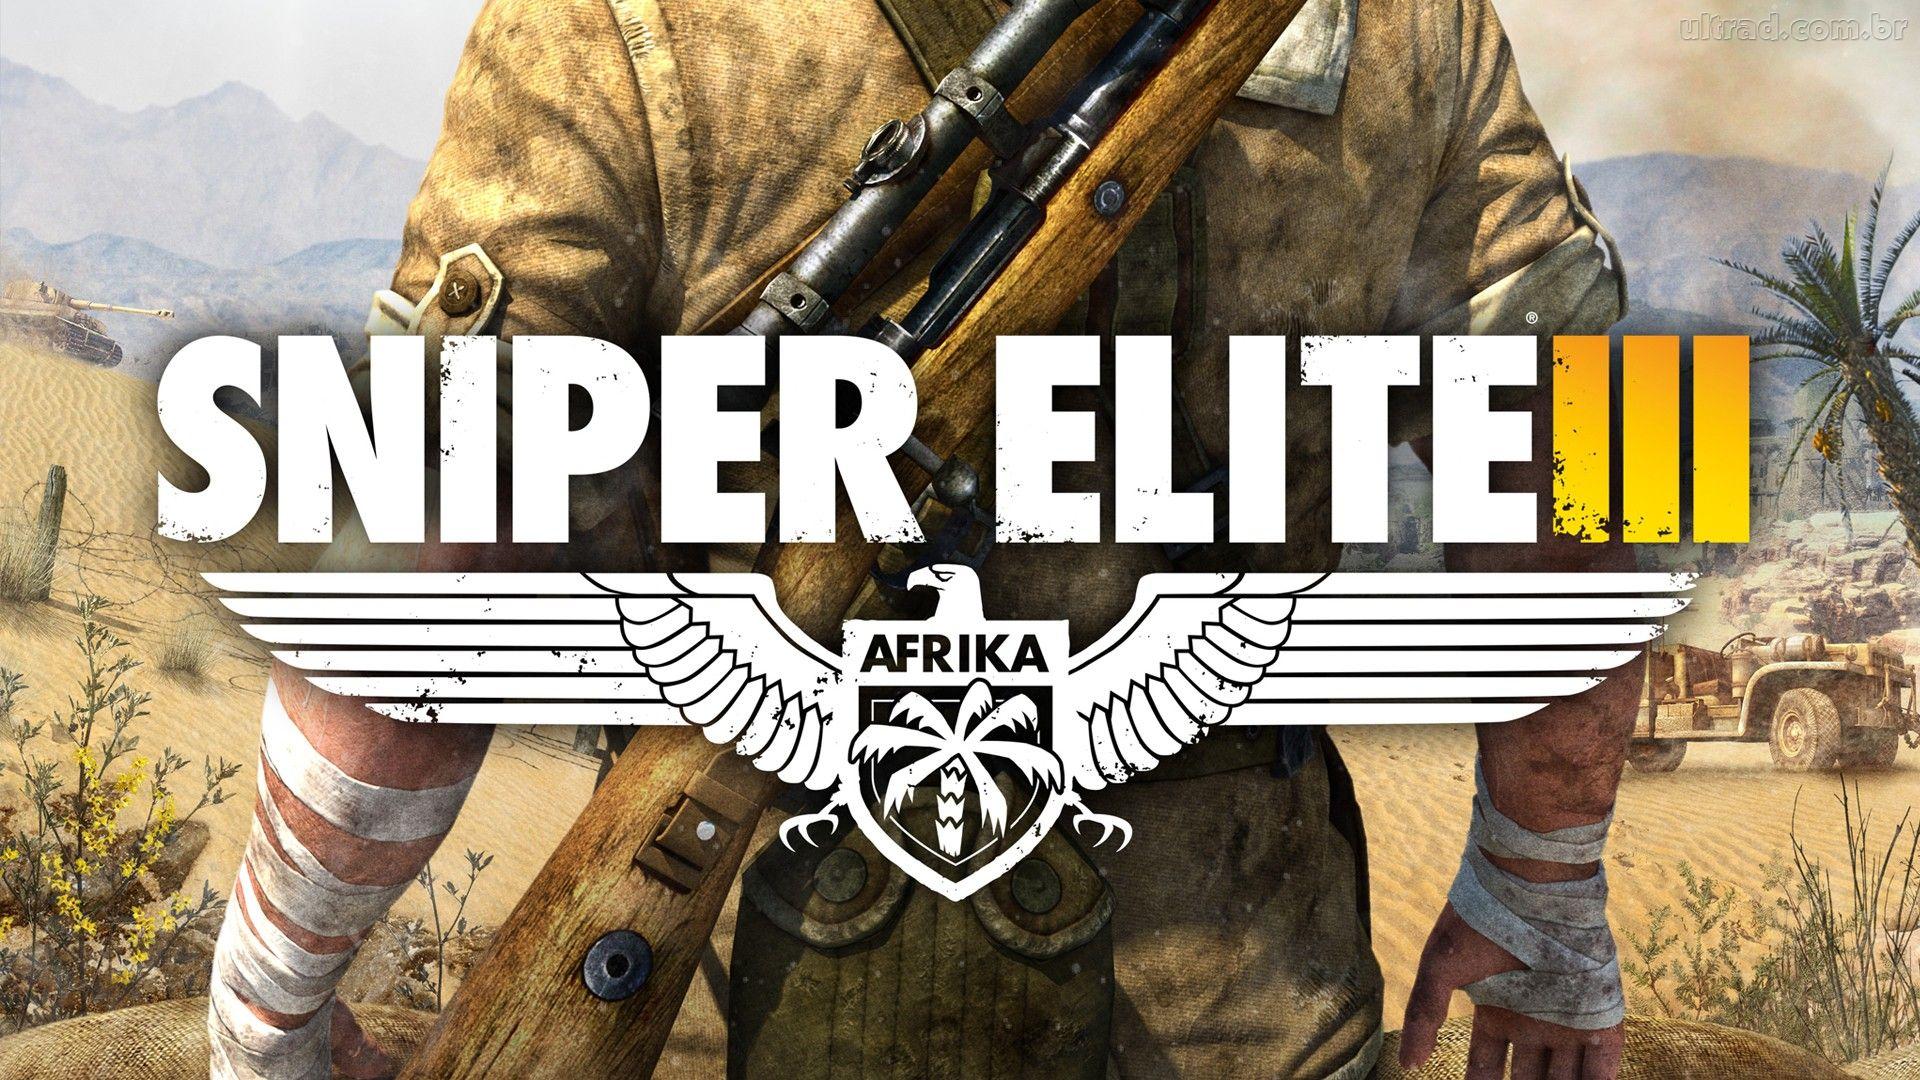 Best 47 Sniper Elite III Wallpaper on HipWallpaper Elite 1920x1080